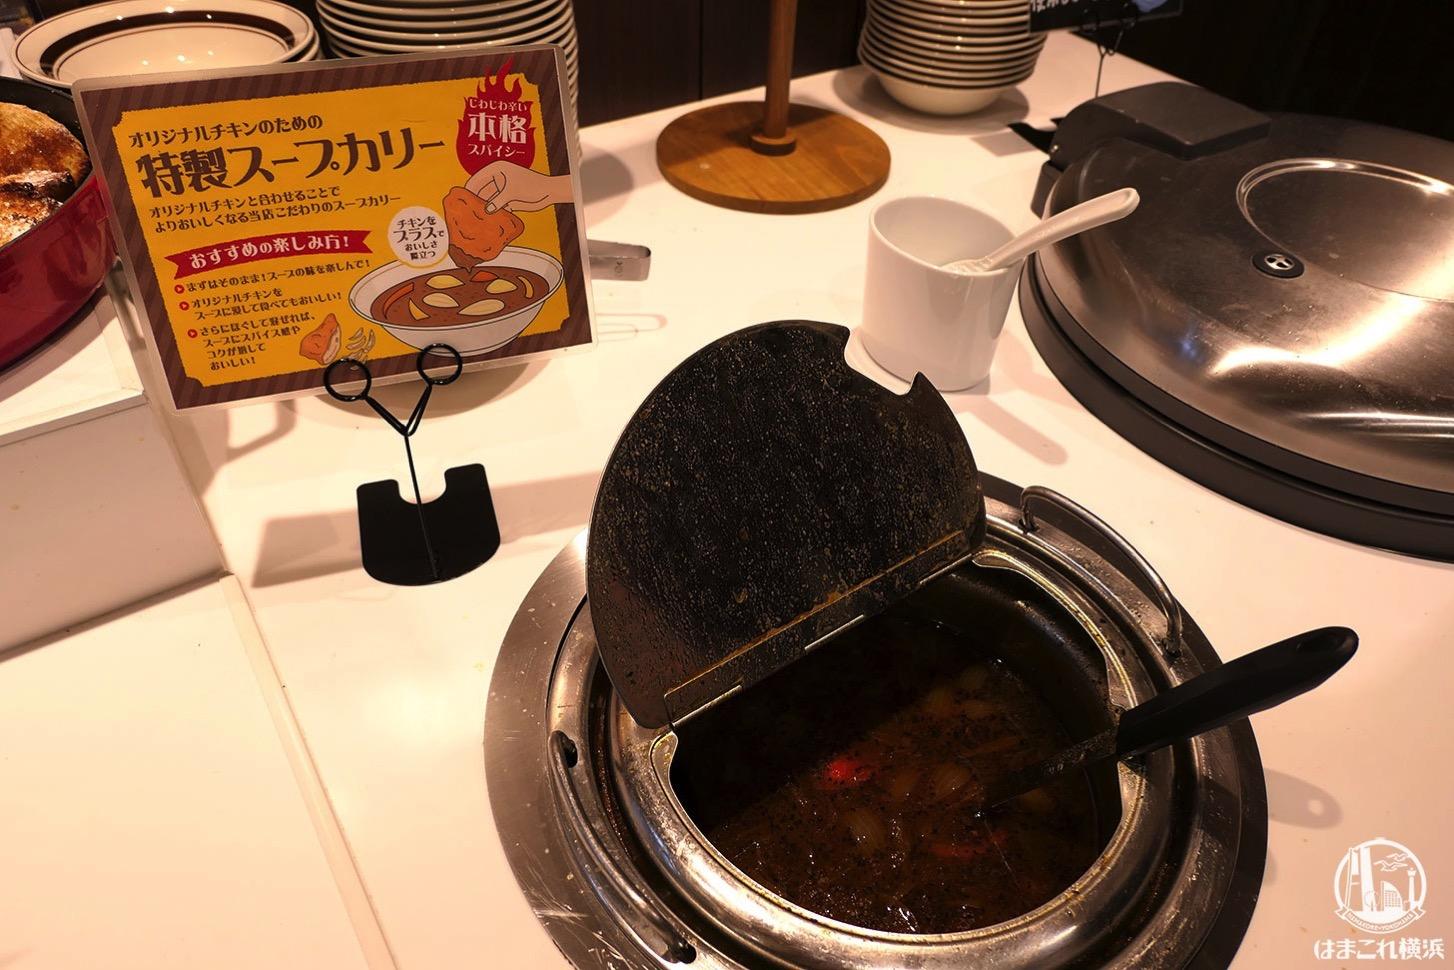 オリジナルチキンのための特製スープカレー